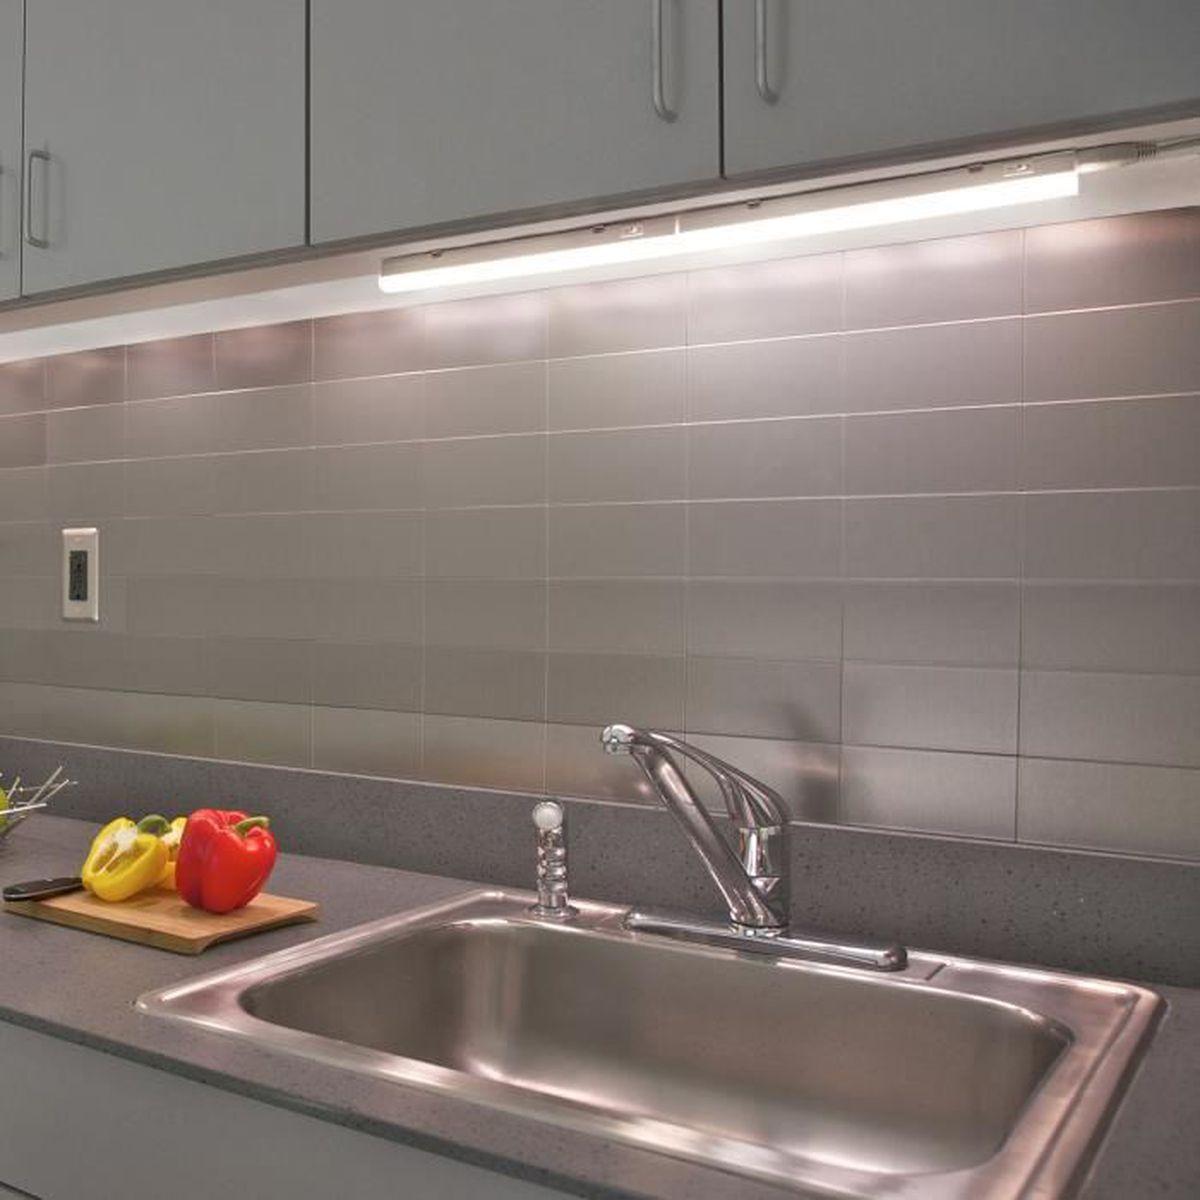 Eclairage Sous Meuble Cuisine Sans Interrupteur lampe reglette a led de barre plan de travail sous meuble cuisine led 5w  avec interrupteur longueur 313mm connectable lot 2 lampes